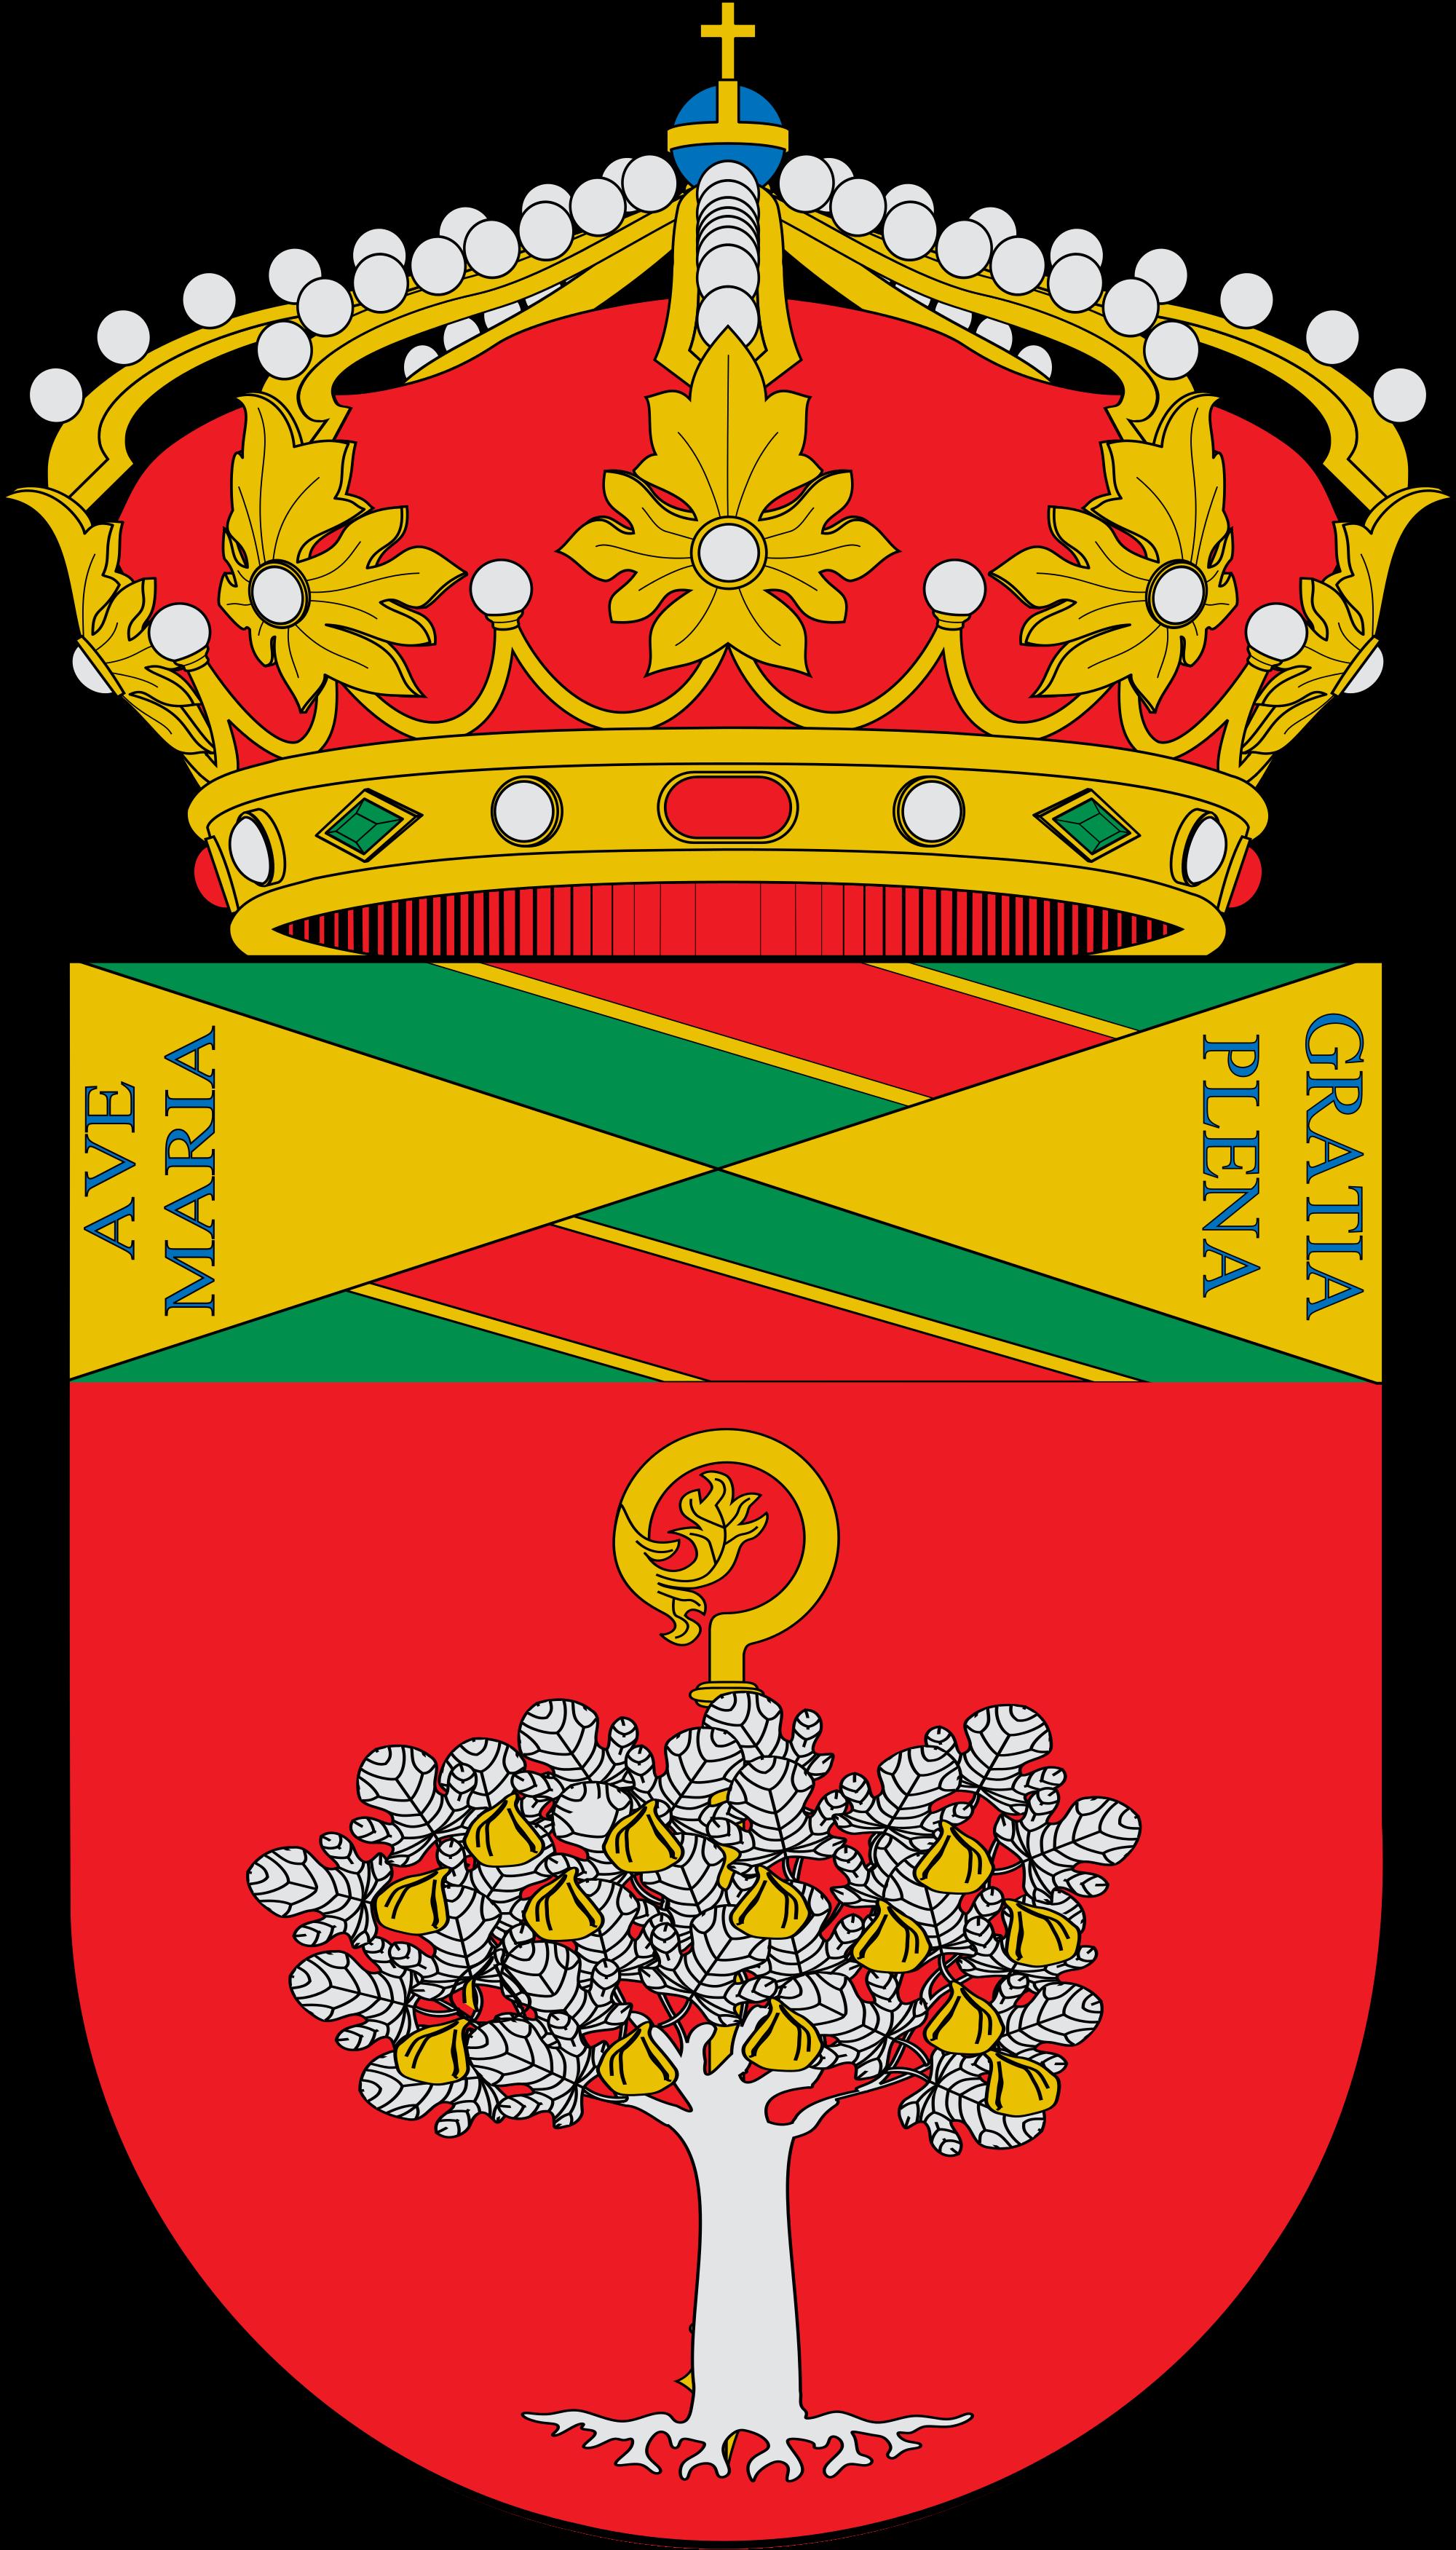 File:Escudo de Higuera de las Dueñas.svg.